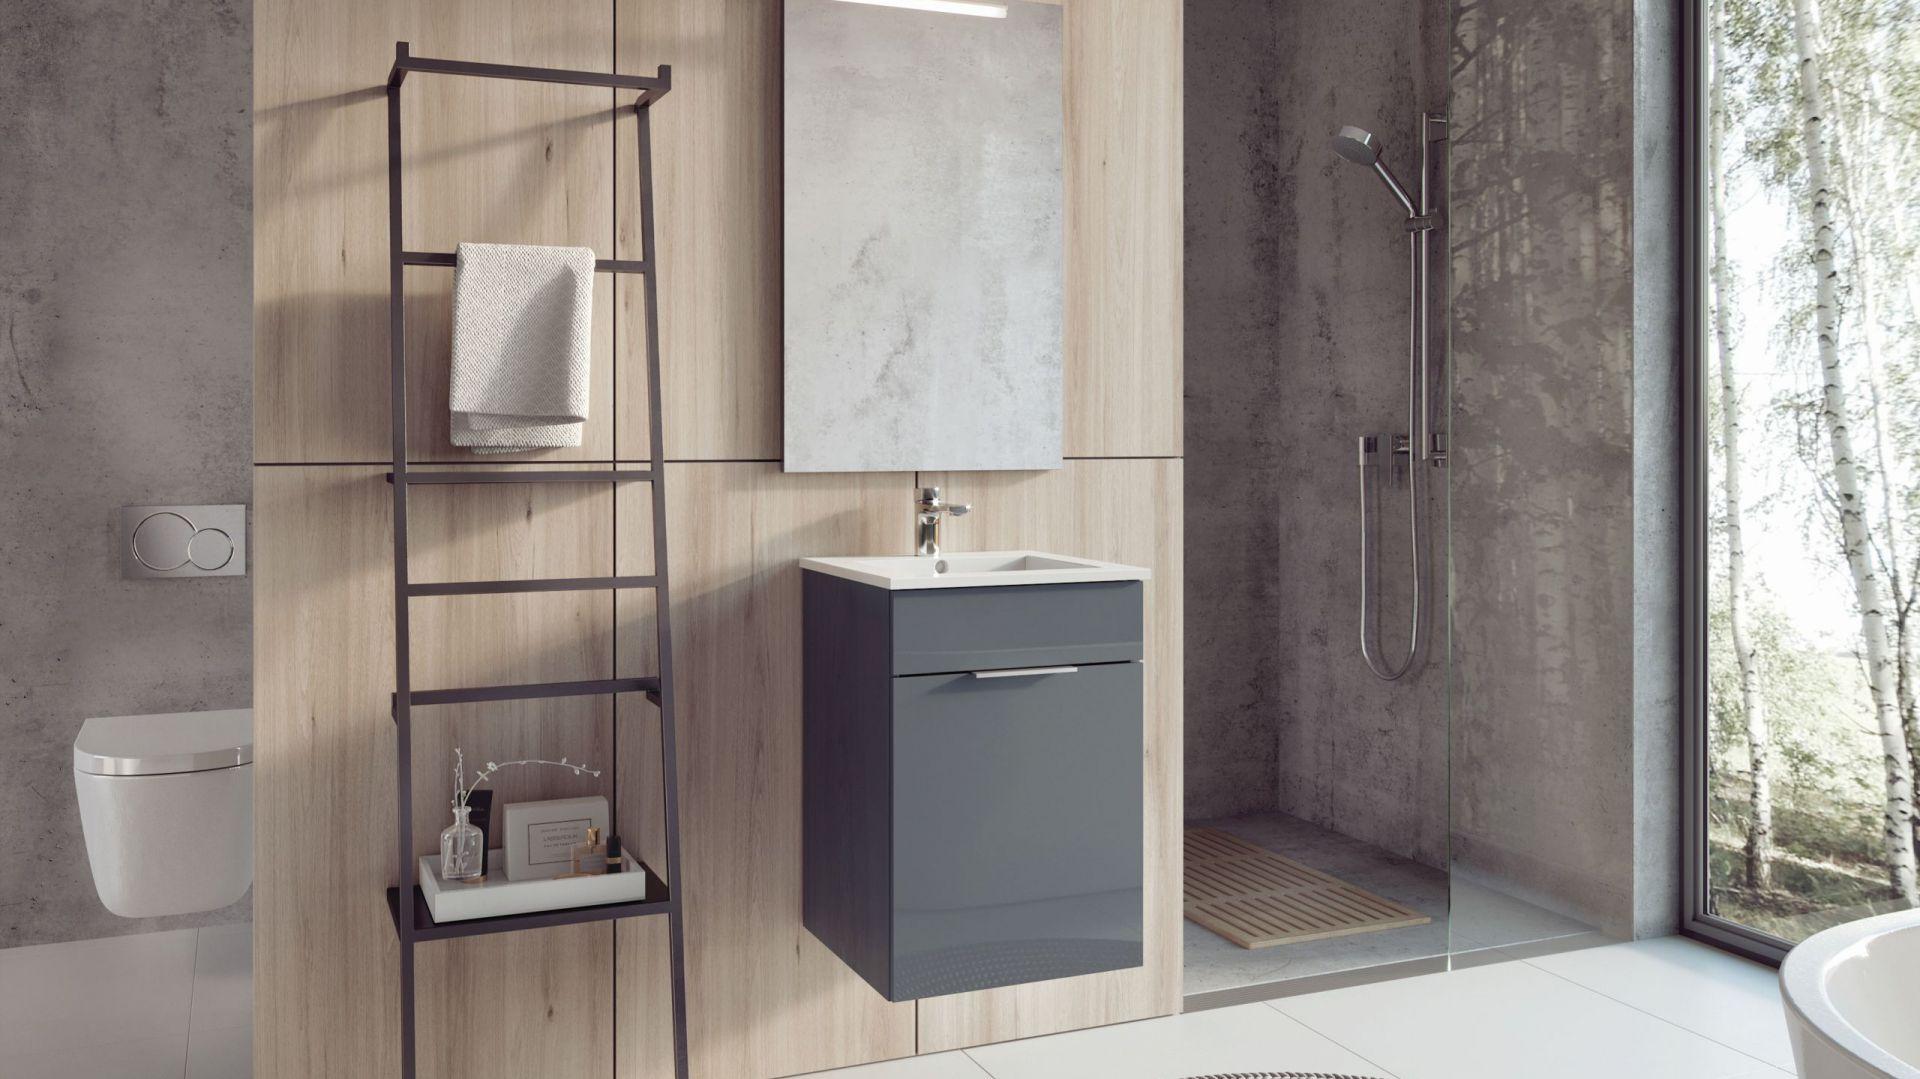 Qubo Plus to kolekcja mebli stworzona z myślą o małych łazienkach, z zachowaniem stylu i elegancji. Fot. Elita